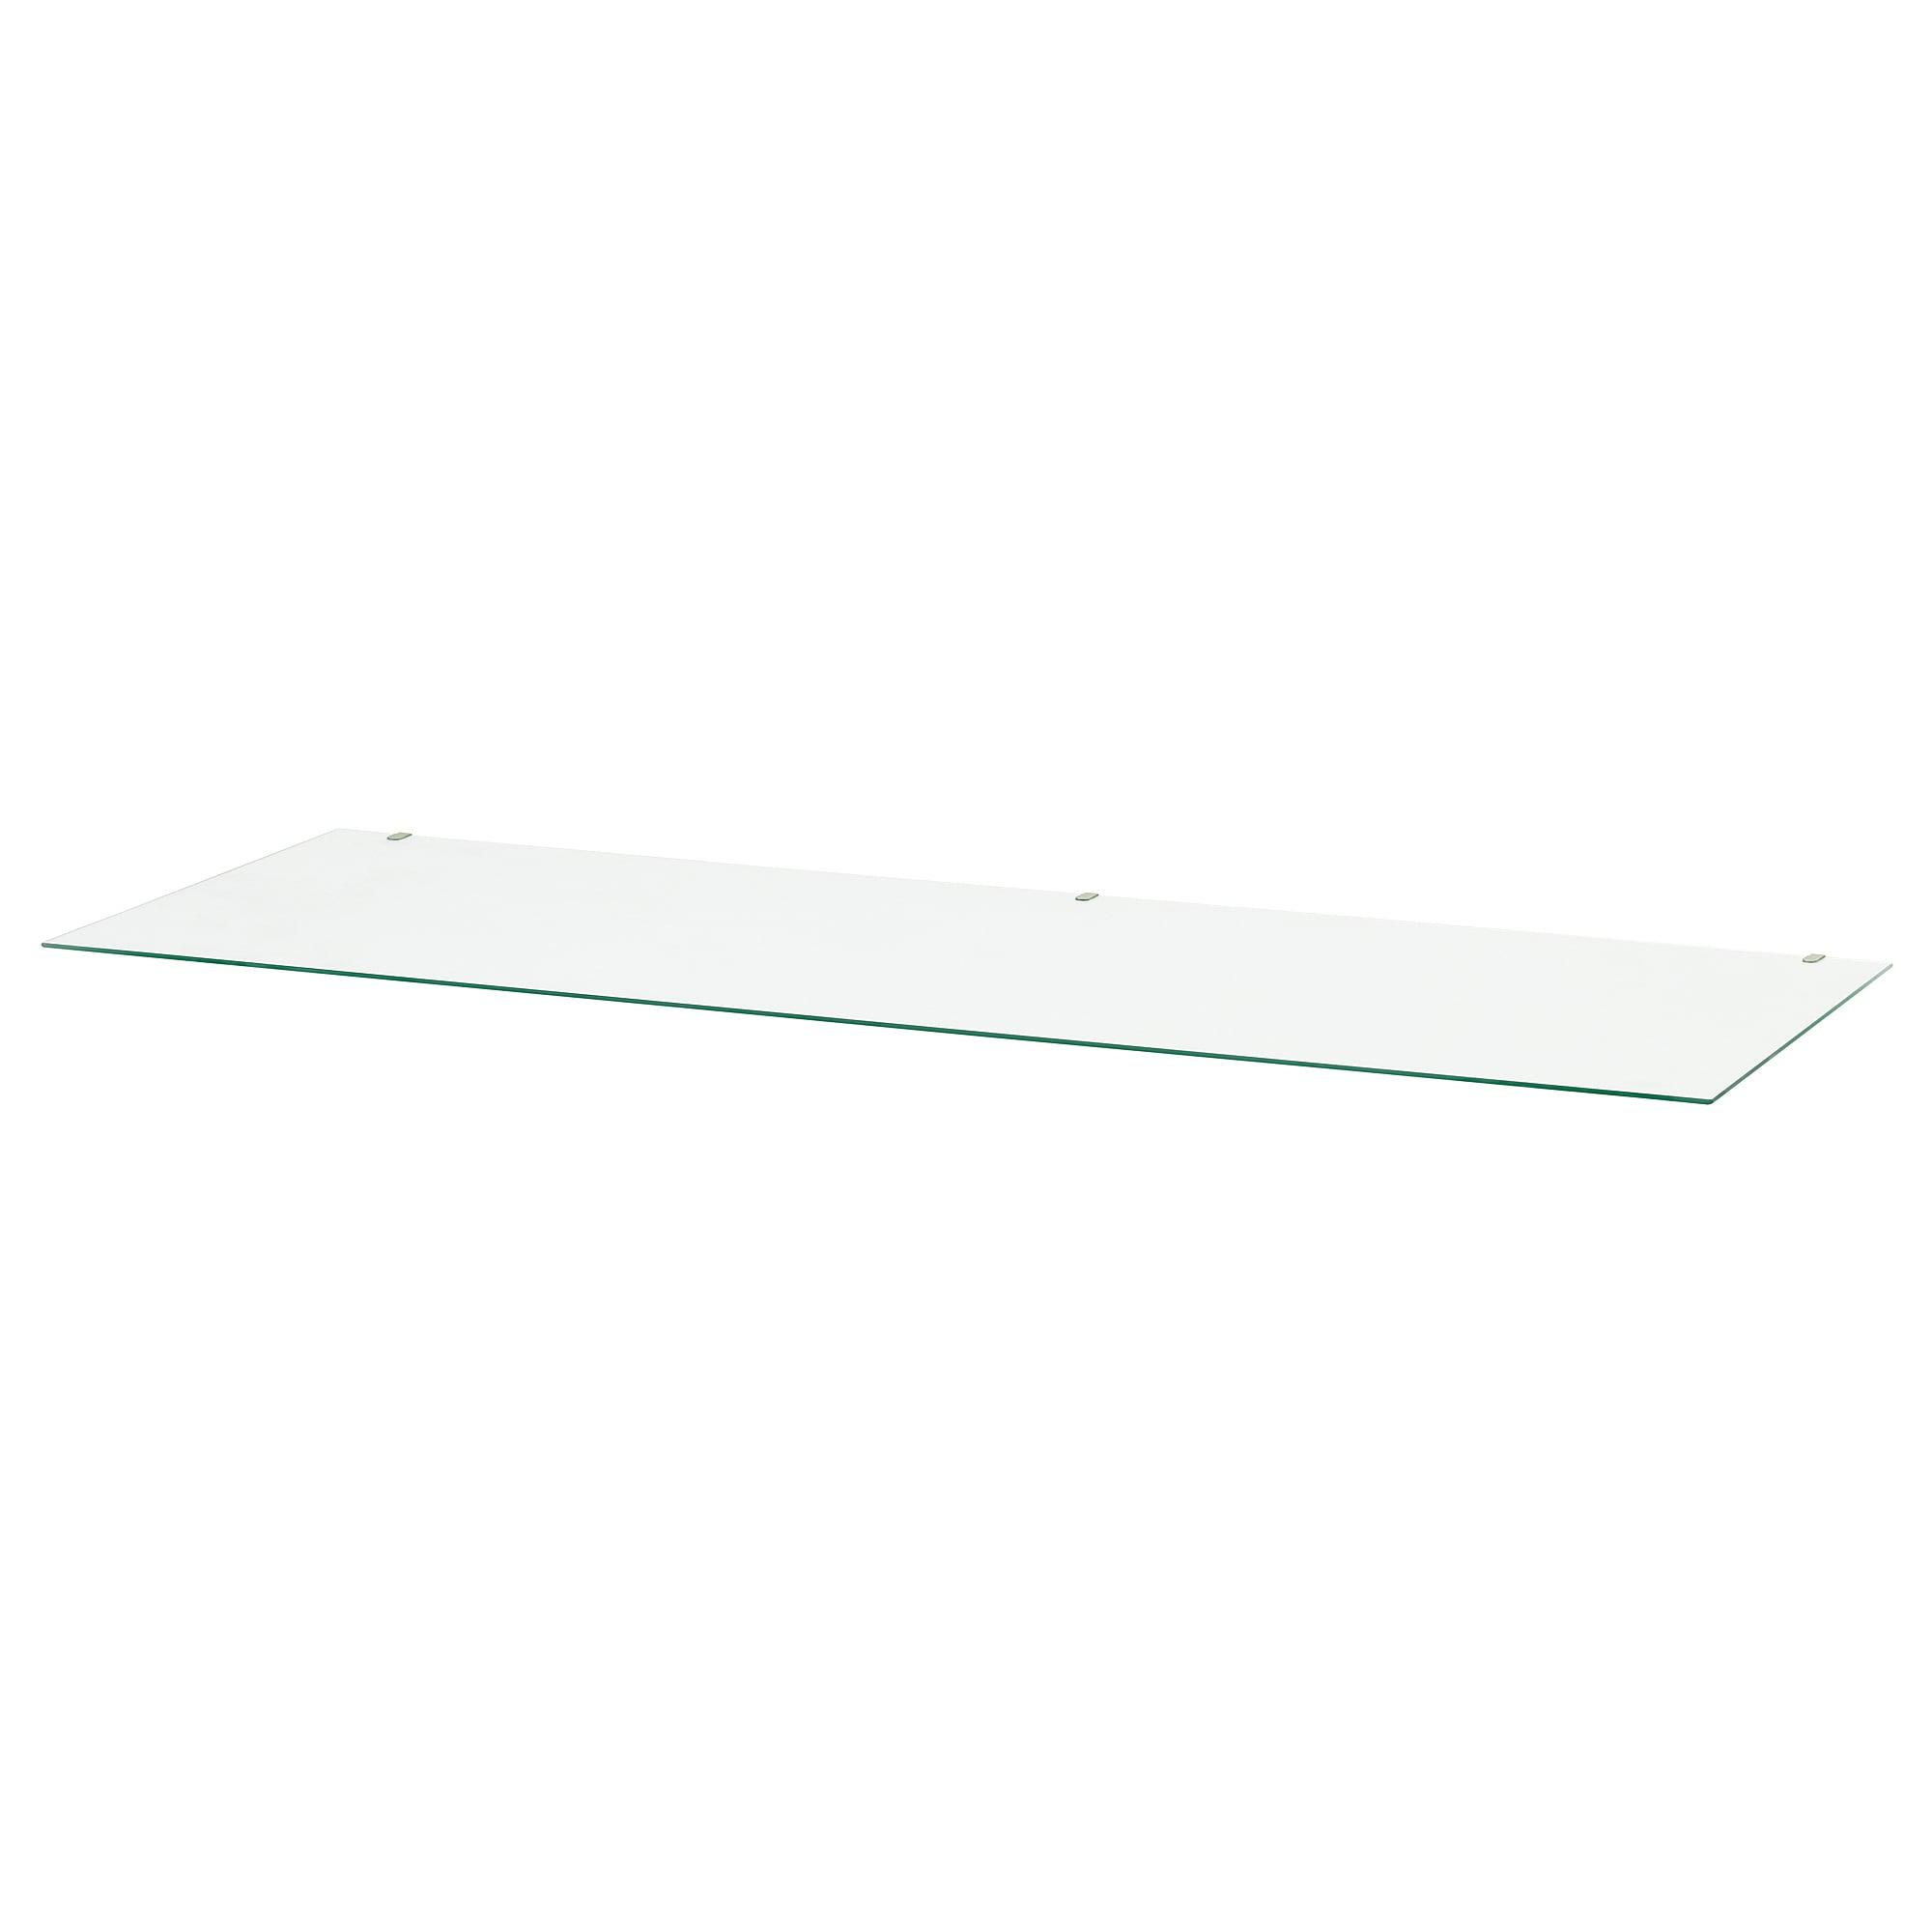 Hemnes Glasplatte Transparent Hemnes Fensterputzmittel Und